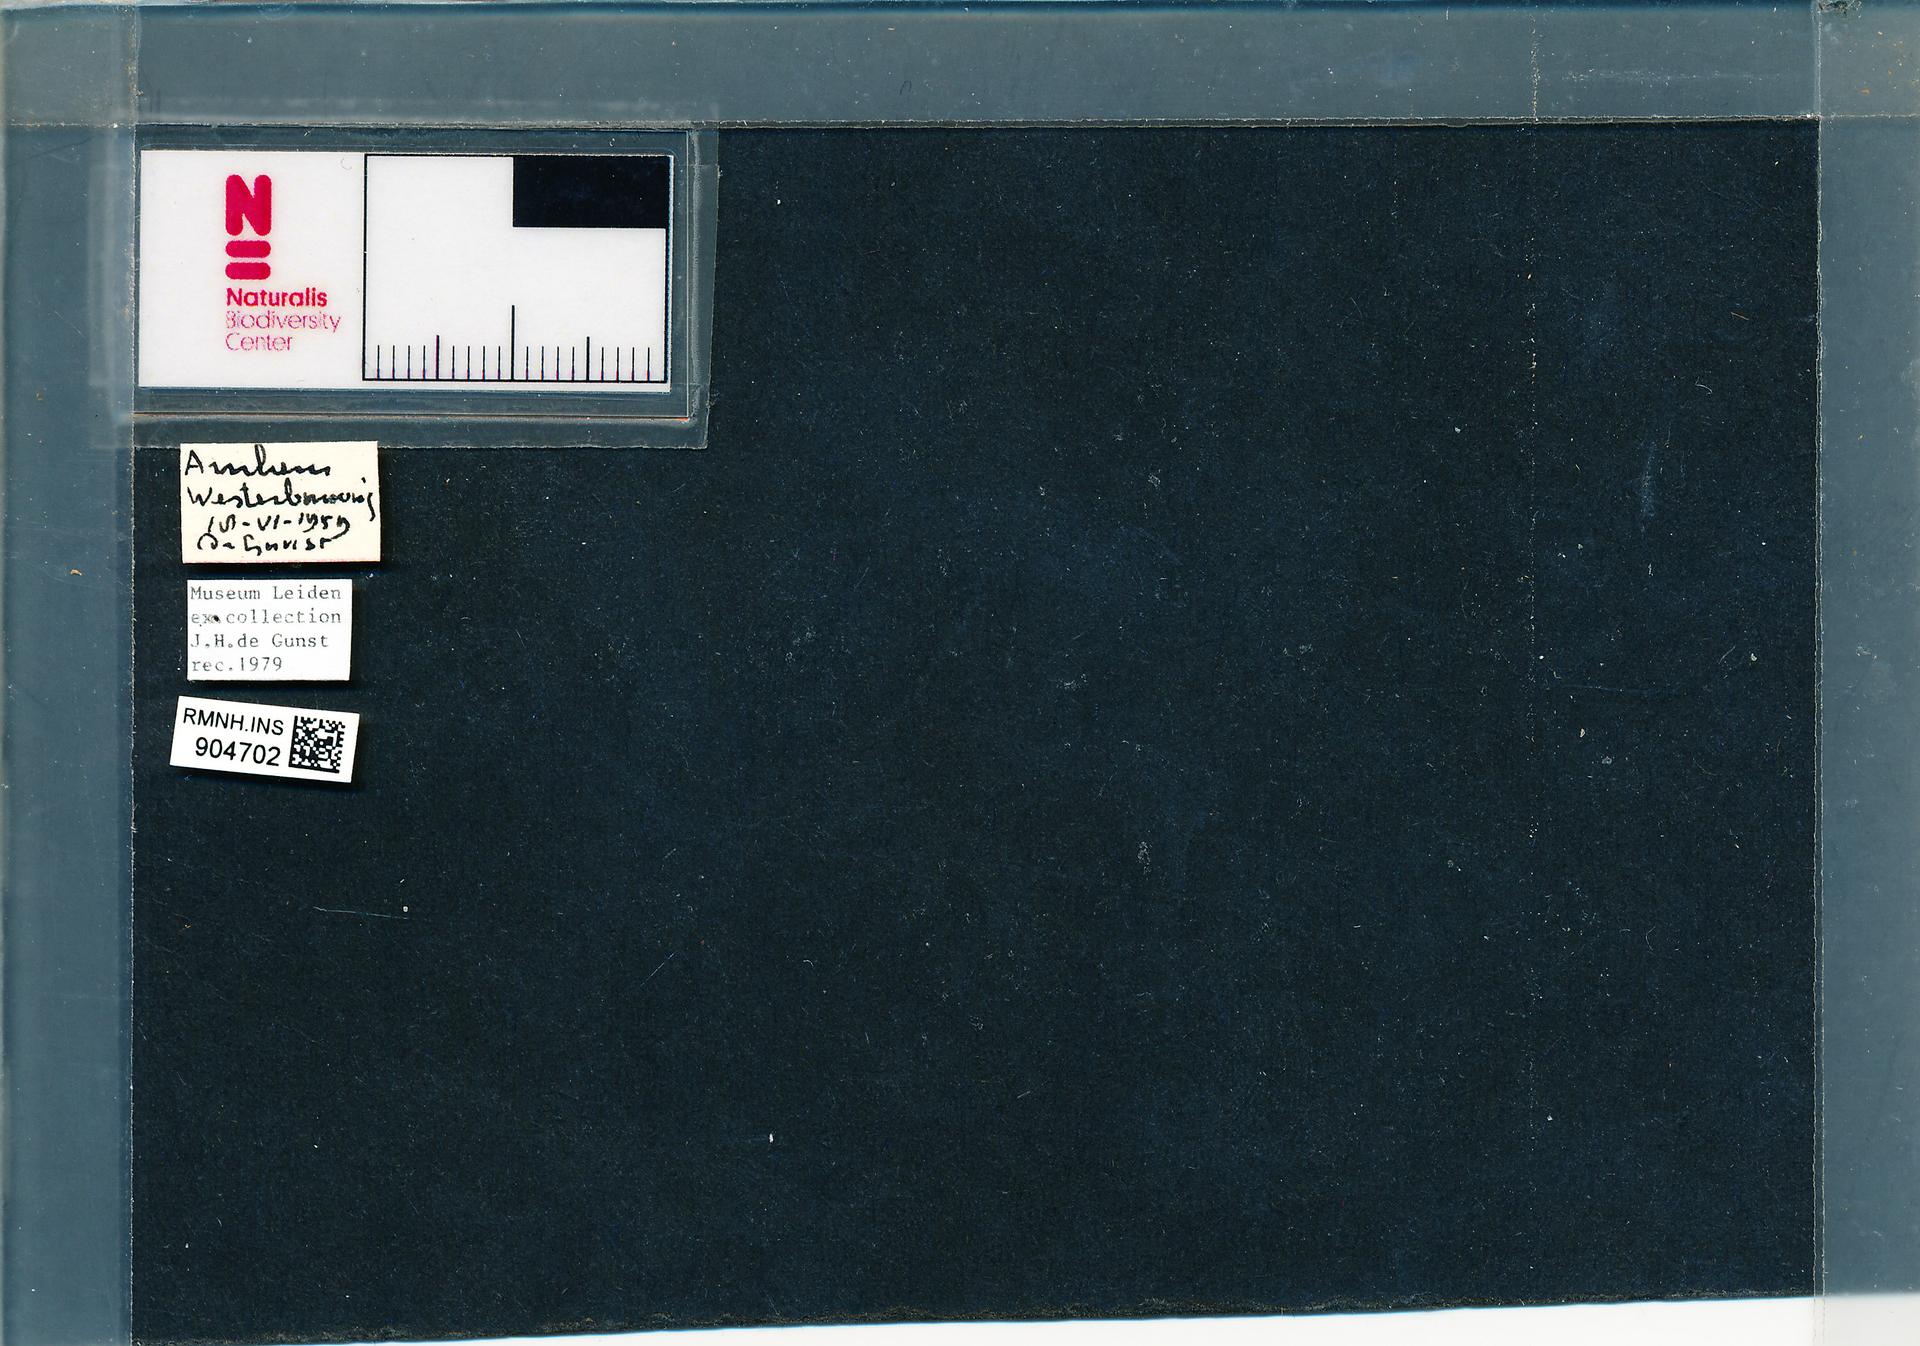 RMNH.INS.904702 | Anisosticta novemdecimpunctata (L.)